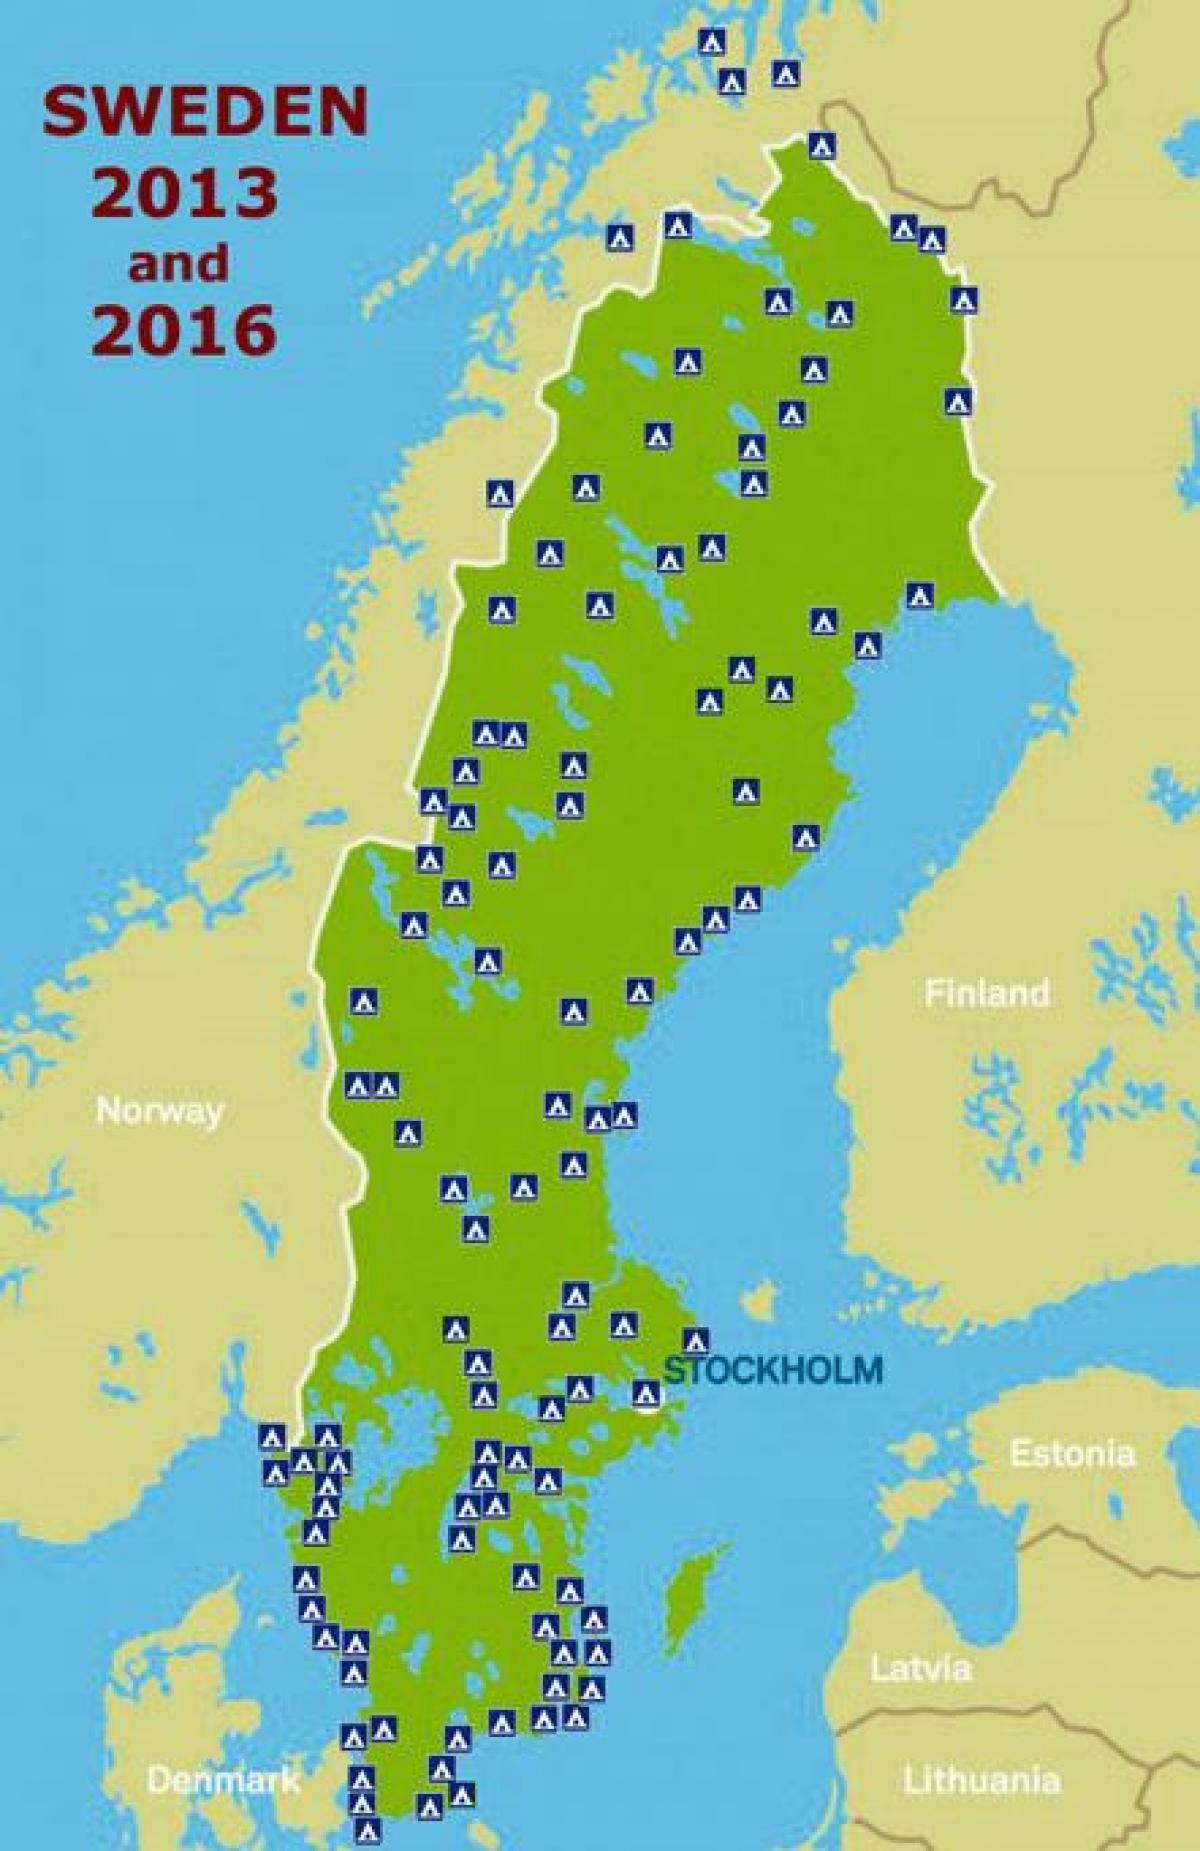 Camping Karta Europa.Camping Sverige Karta Sveriges Camping Karta Norra Europa Europa